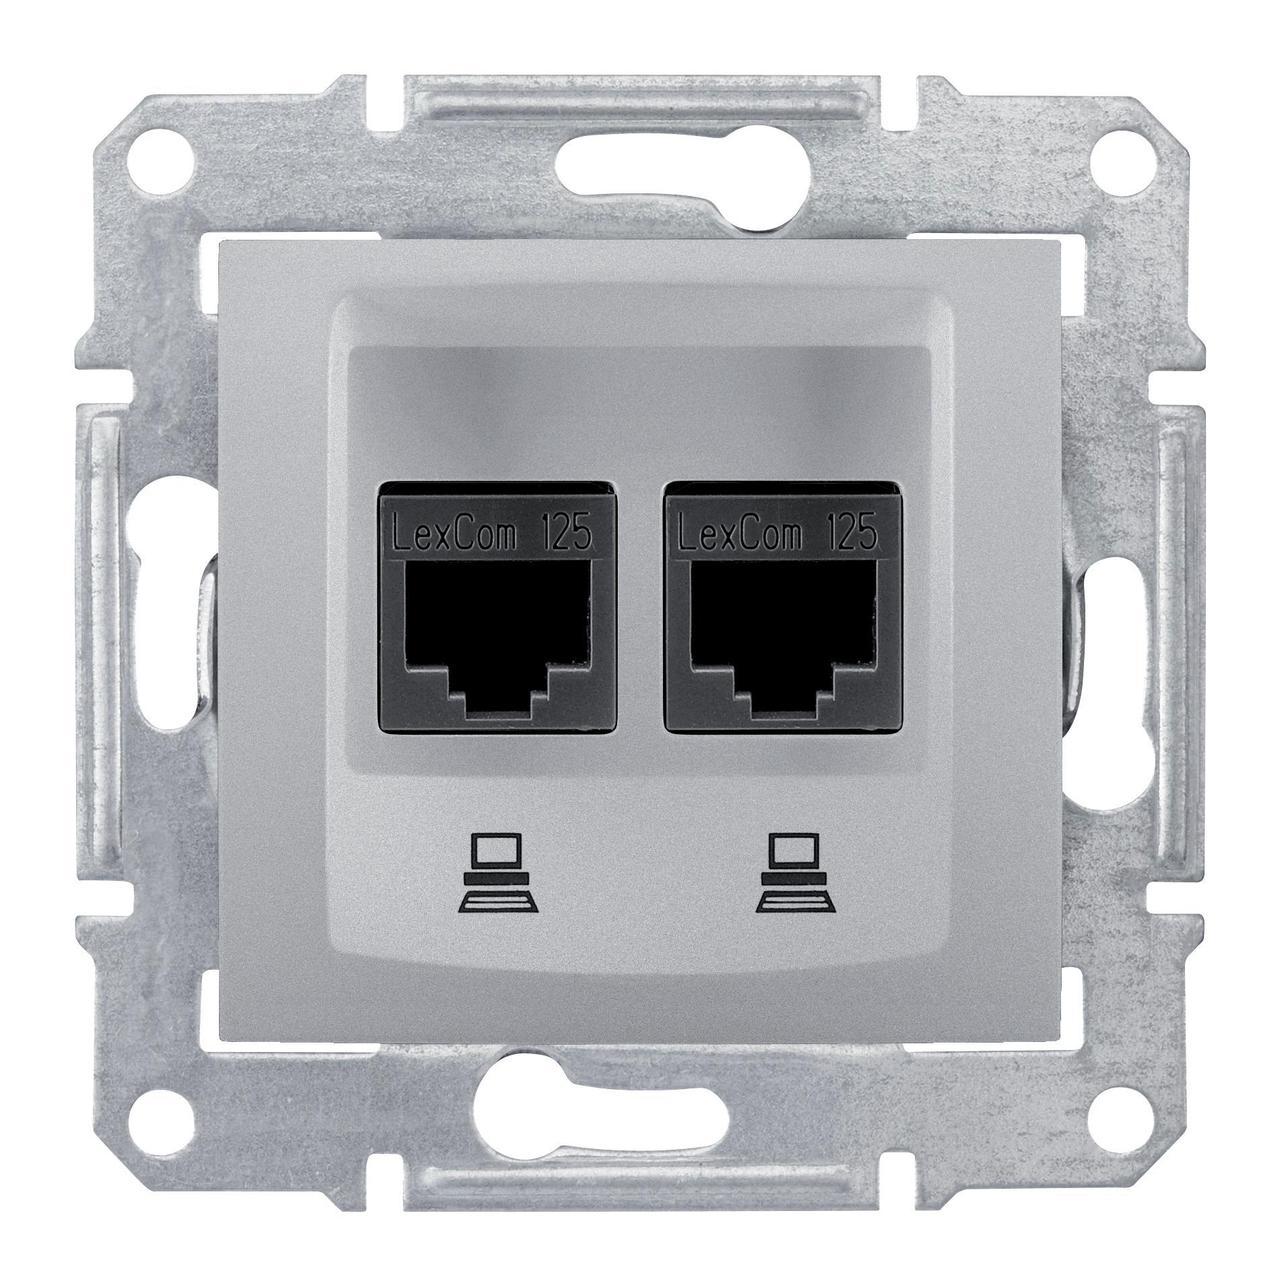 Розетка компьютерная 2-ая кат.5е, RJ-45 (интернет) , Алюминий, серия Sedna, Schneider Electric